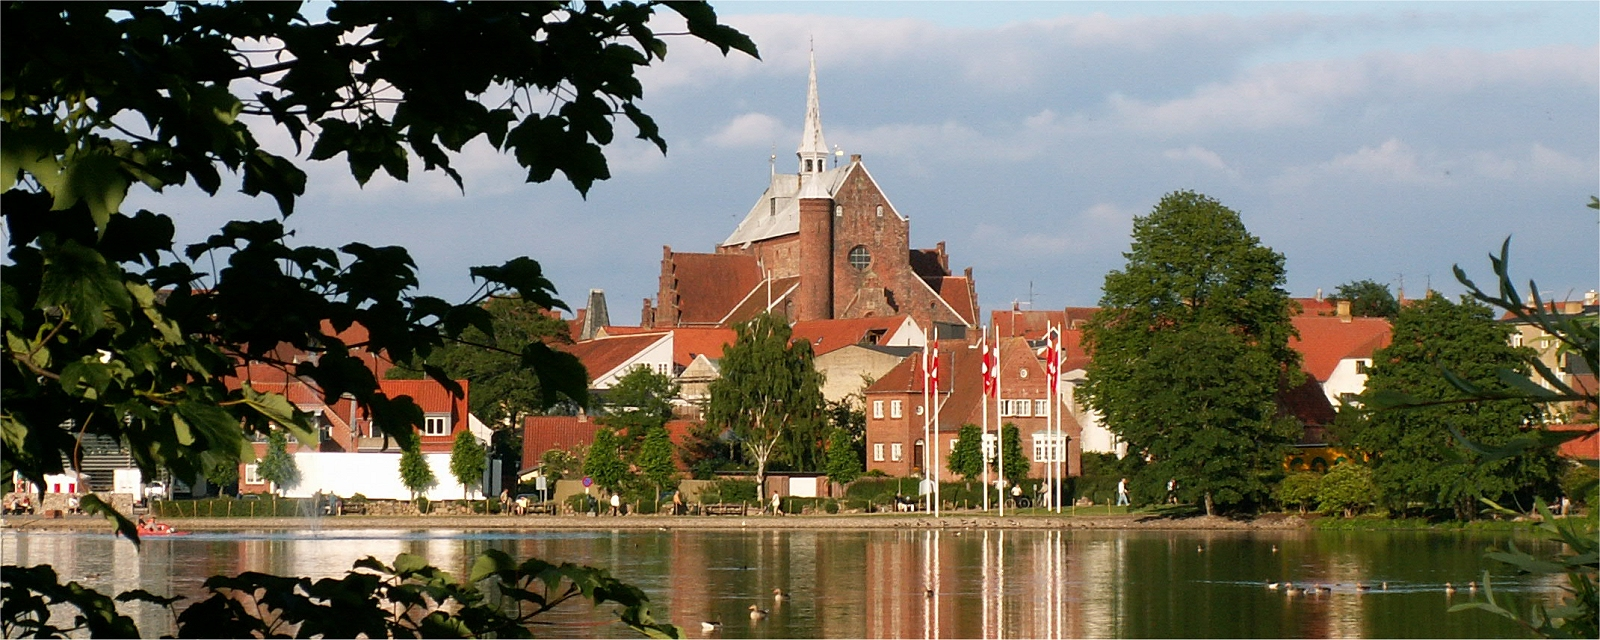 Haderslev Domkirke fra Damparken